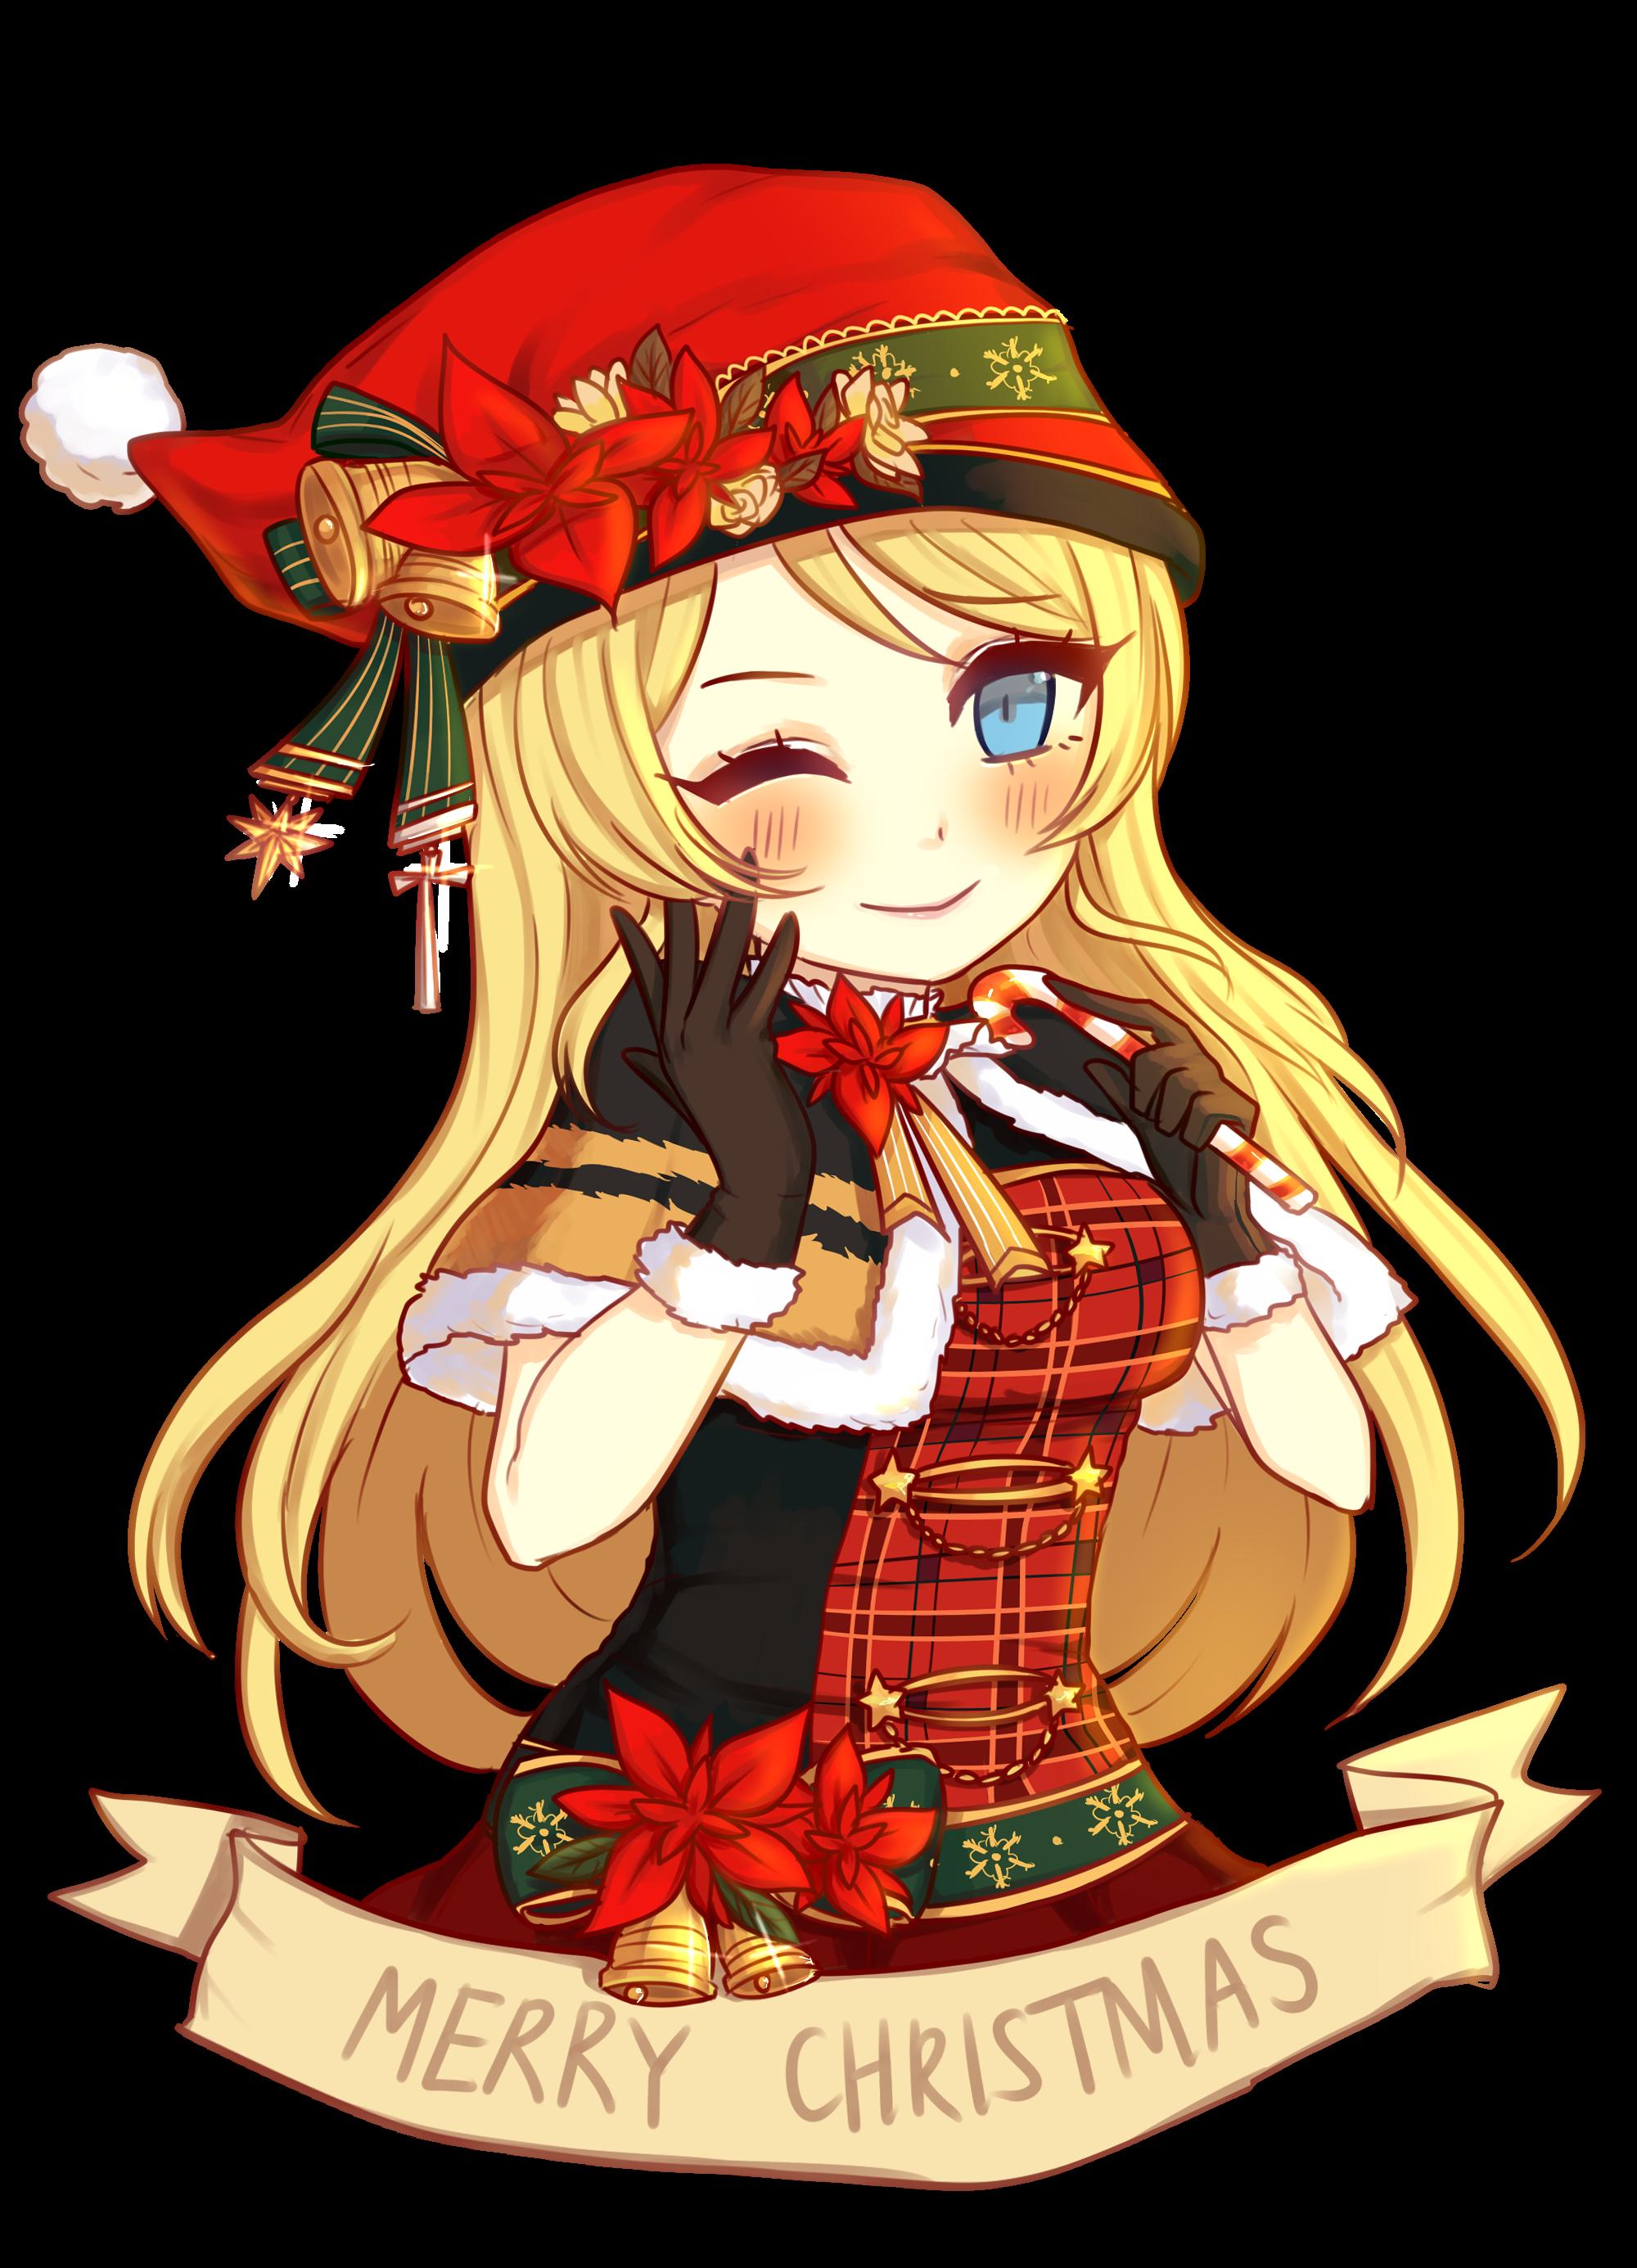 Resultado de imagem para merry christmas anime png